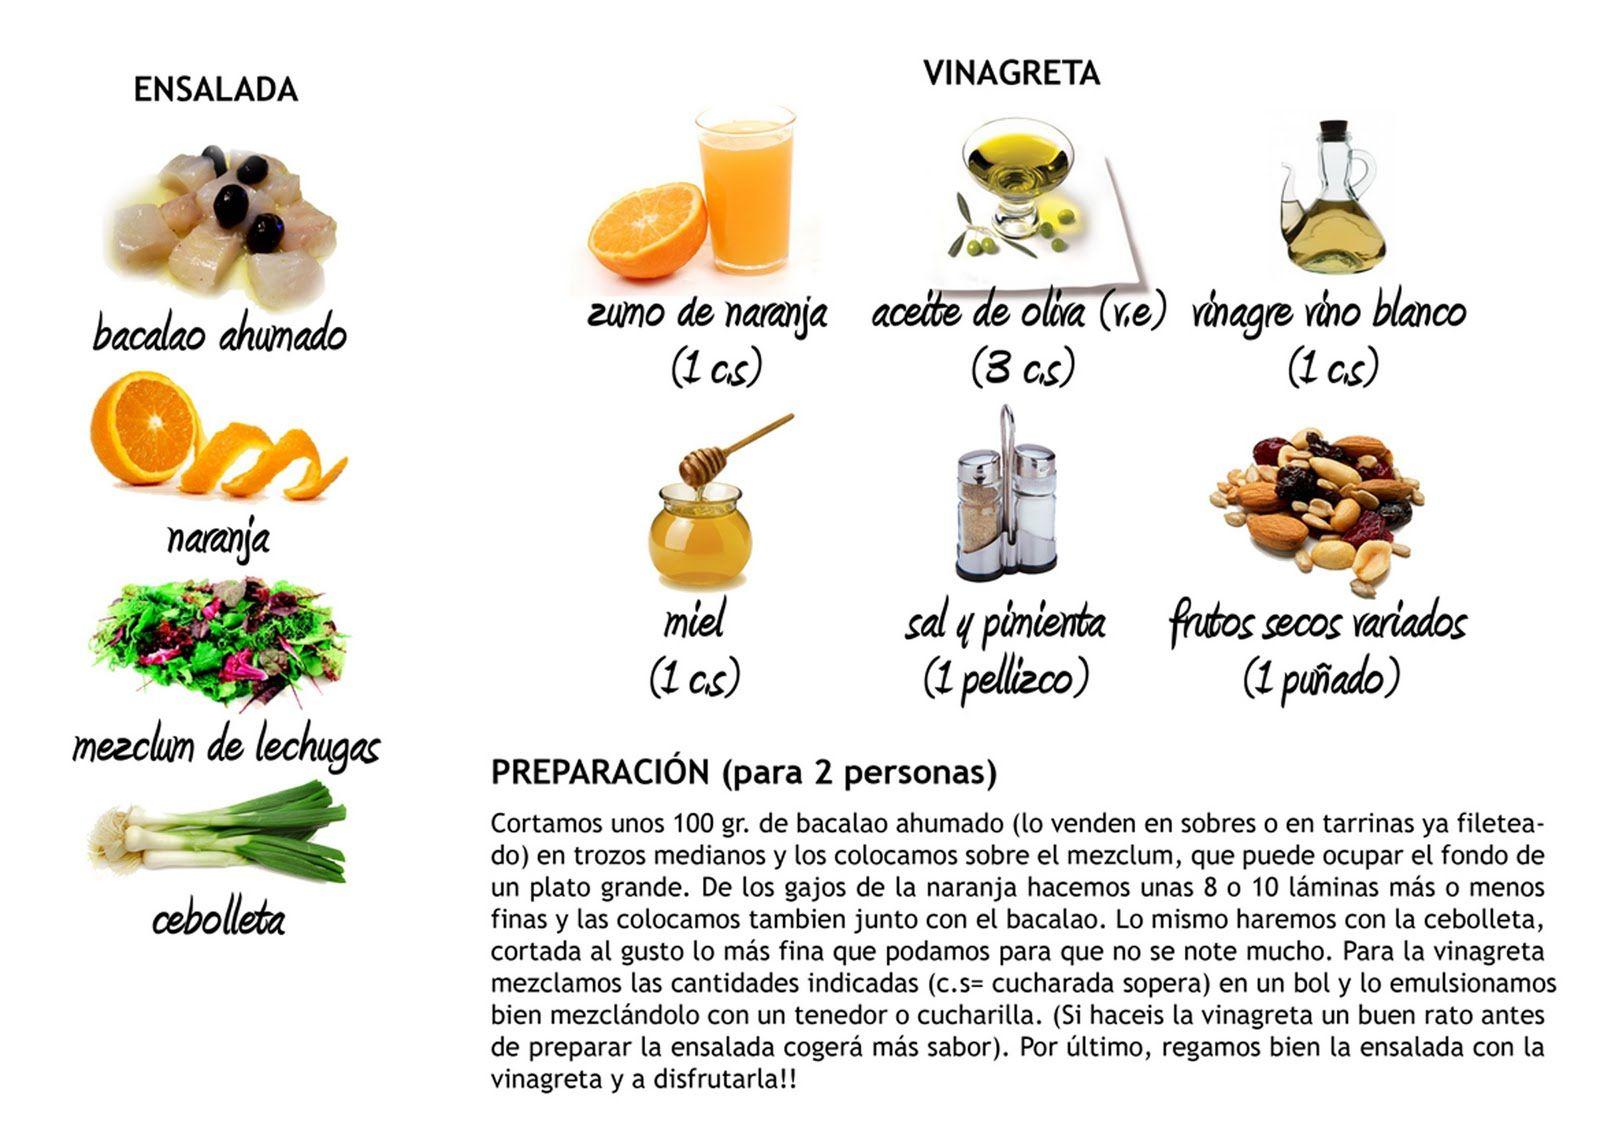 Me tenia que pasar a mi: El cocinillas: ensalada de bacalao ahumado con naranja y vinagreta de miel